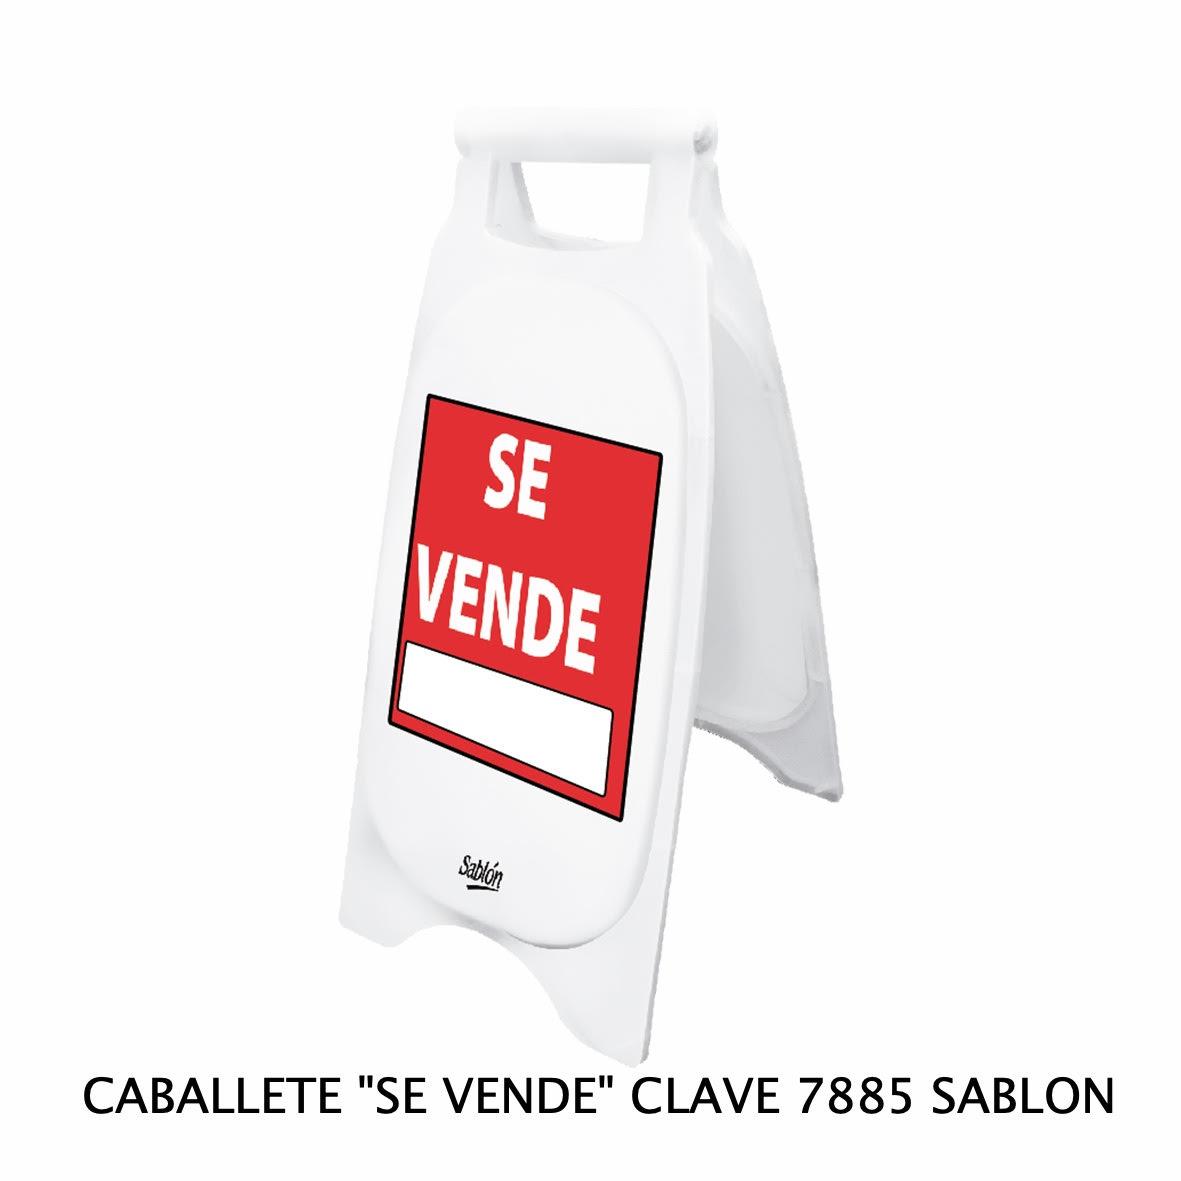 Caballete con señal SE VENDE Clave 7885 de Sablón